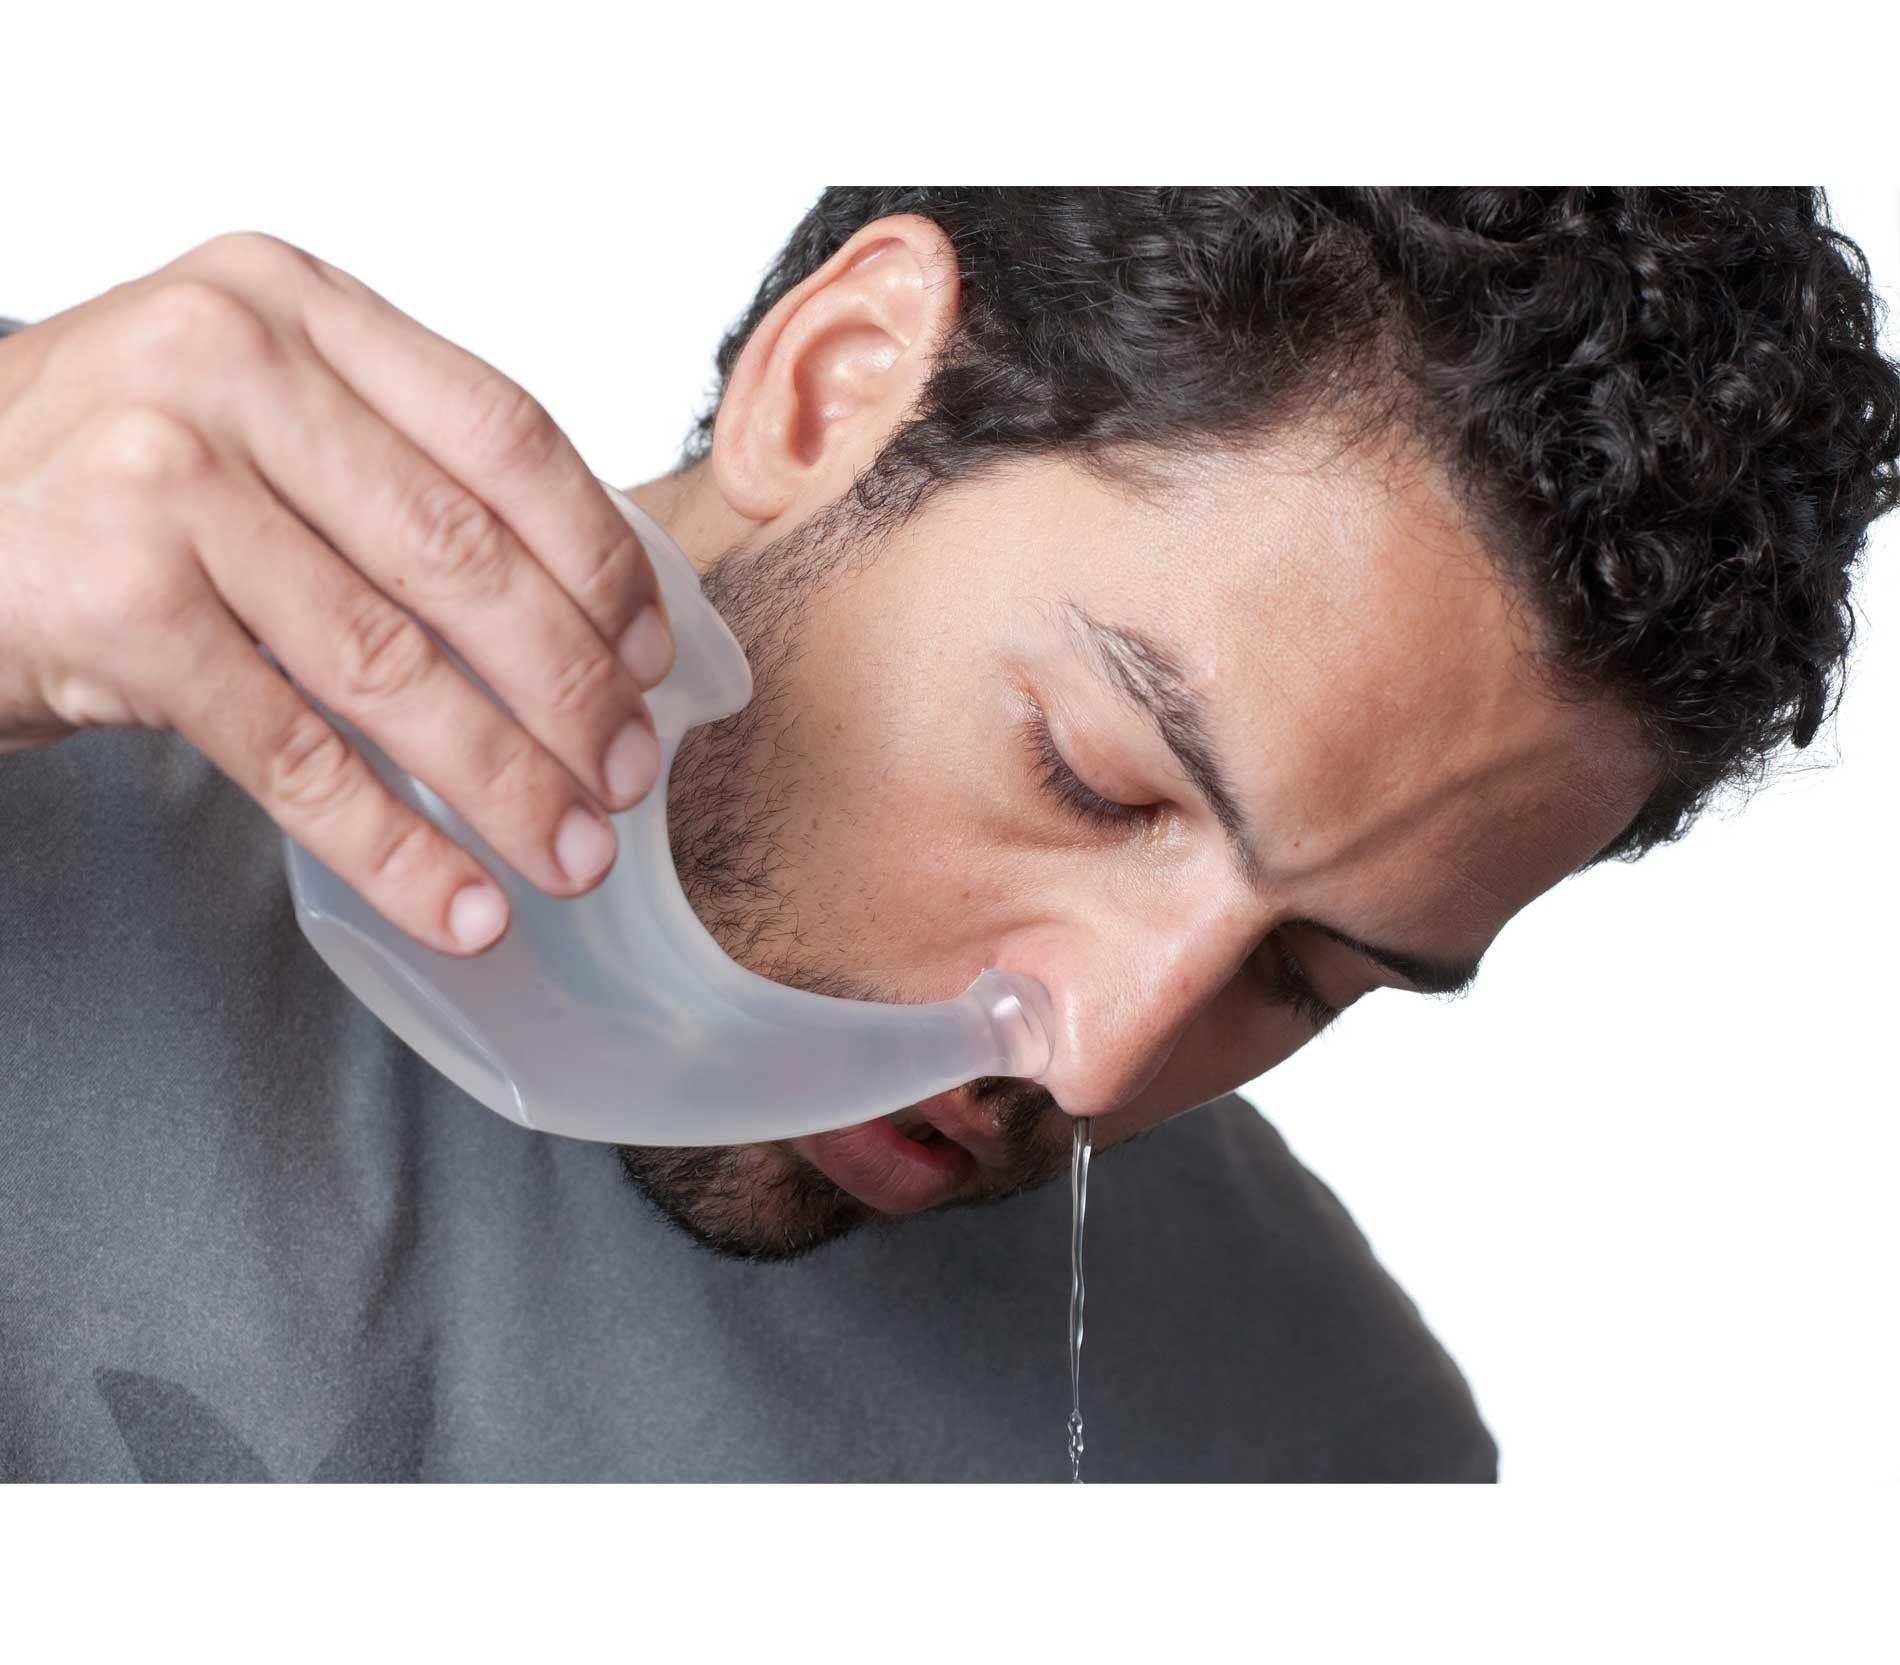 Nosepot - Higienizador Nasal | Amadomat | Holis